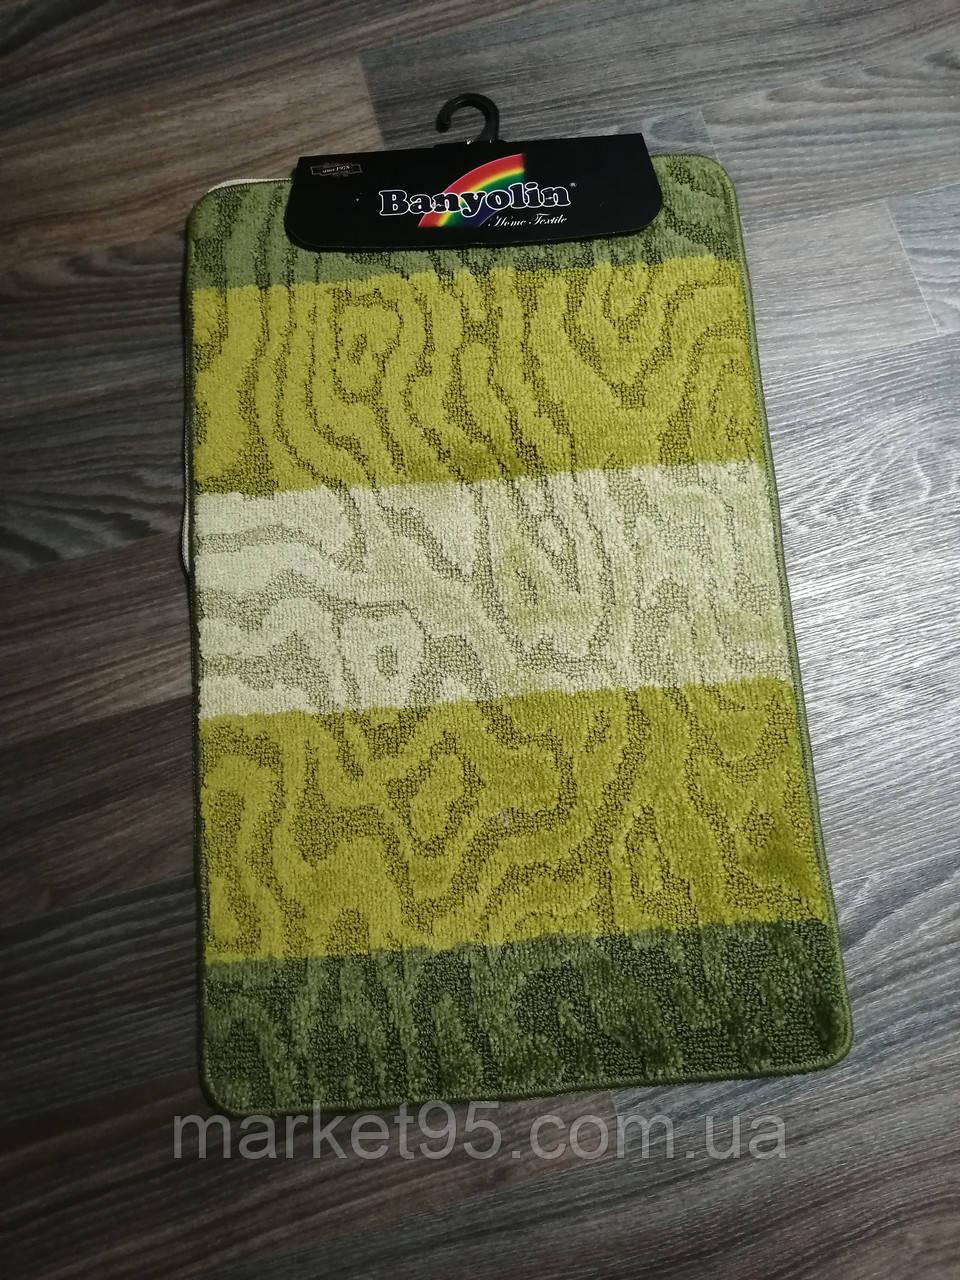 Набор ковриков в ванную и туалет 80*50 см Banyolin зелёный